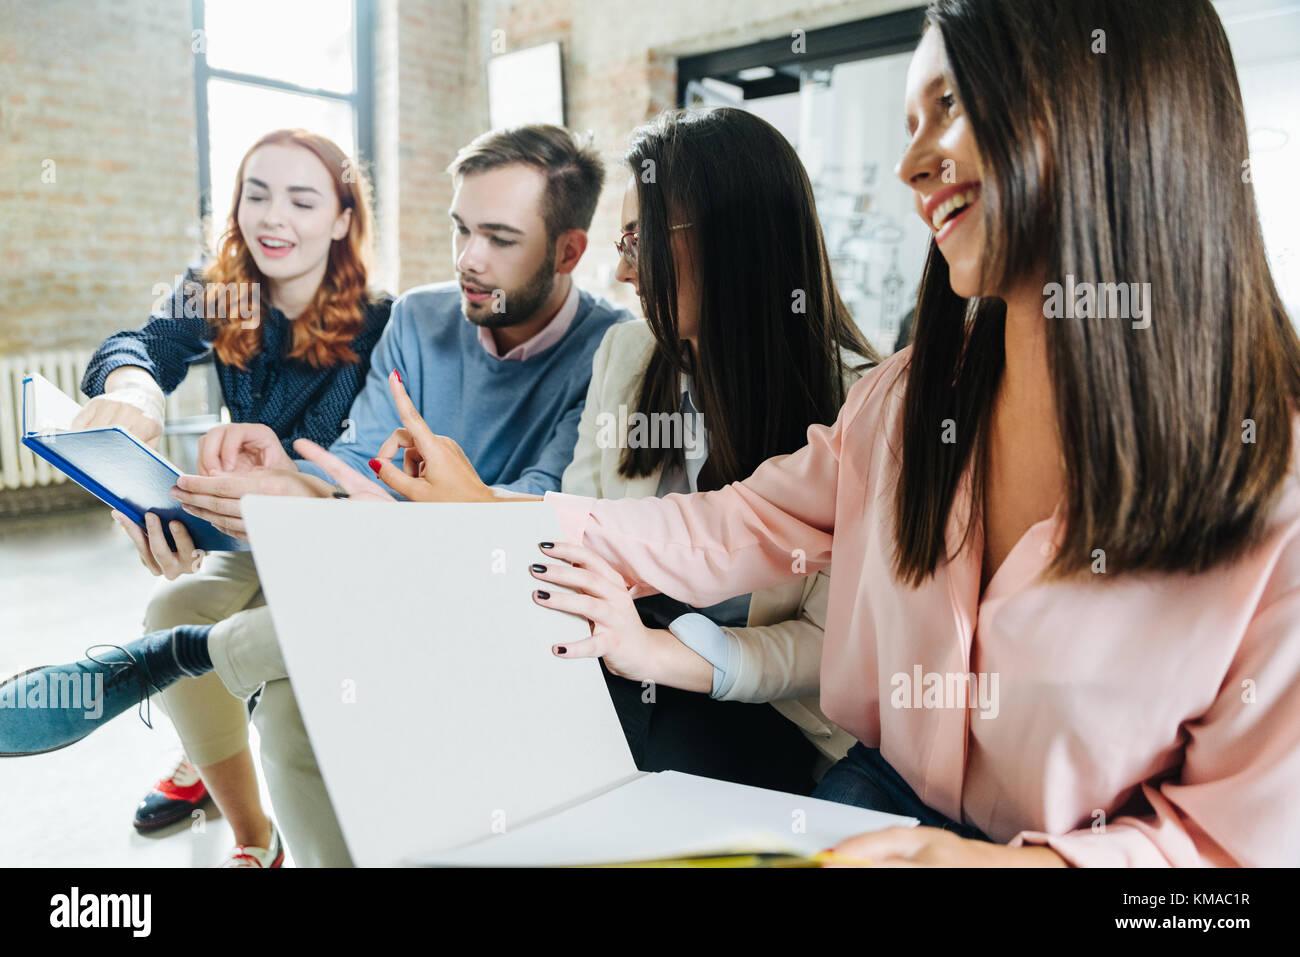 Los cursillistas socializar en el trabajo Imagen De Stock